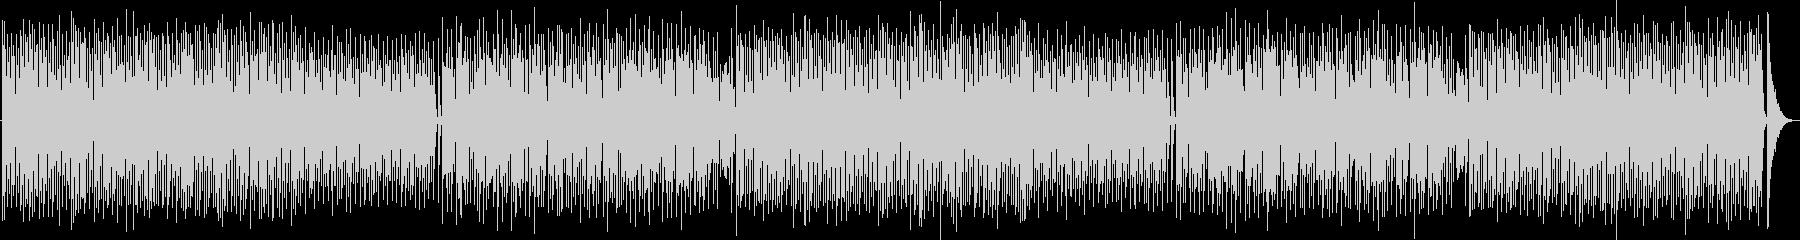 ポップで可愛いハウスミュージックの未再生の波形